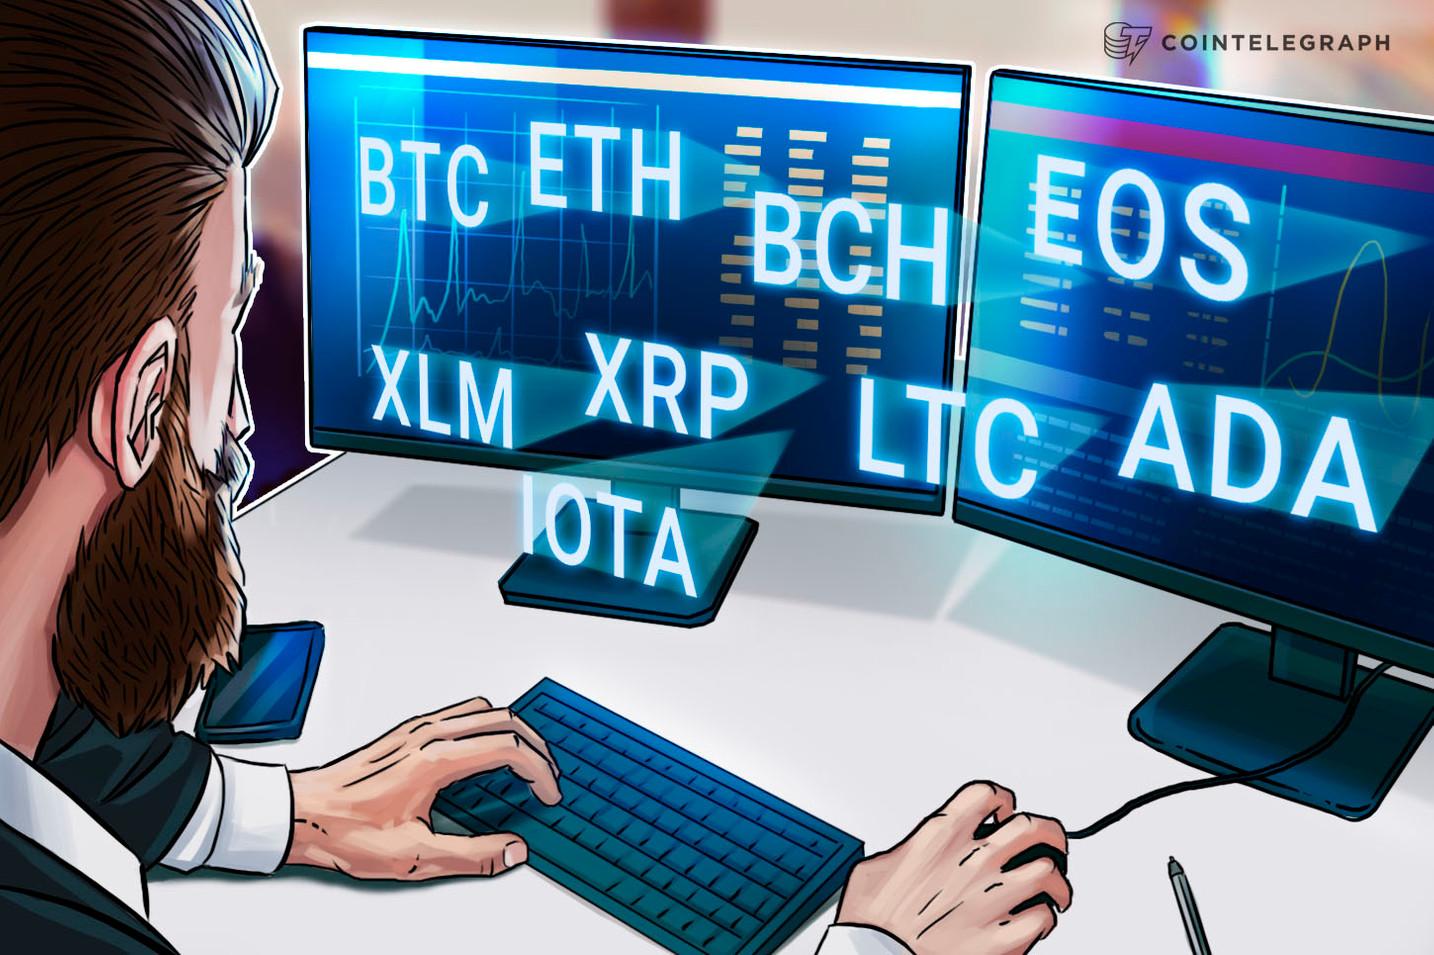 Análisis de precios, 08 de junio: Bitcoin, Ethereum, Ripple, Bitcoin Cash, EOS, Litecoin, Cardano, Stellar, IOTA